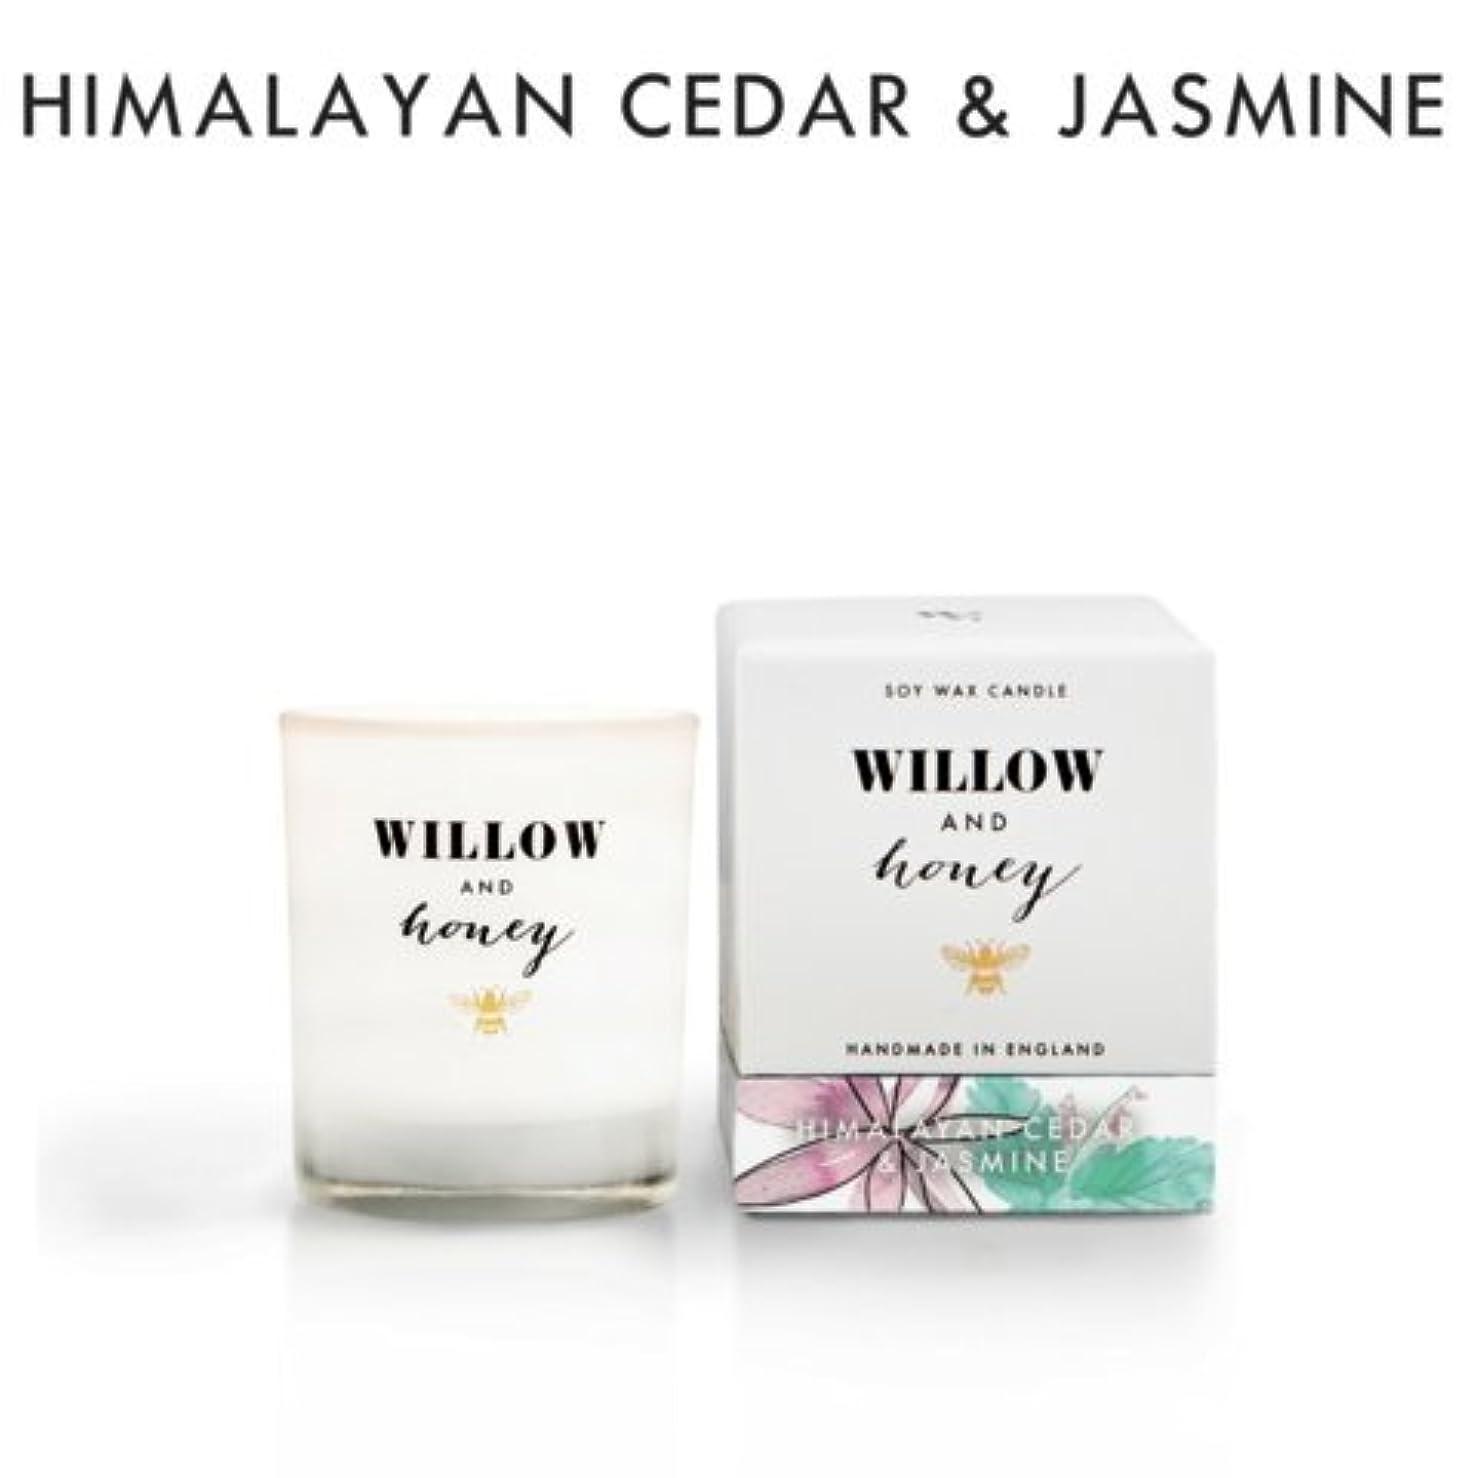 スティック流用する五十大豆ワックスMini香りつきAromatherapy Candle – Fill Your Room withプレミアム天然長持ち香りなし、パラフィンと非毒性15時間燃焼時間理想的なギフト